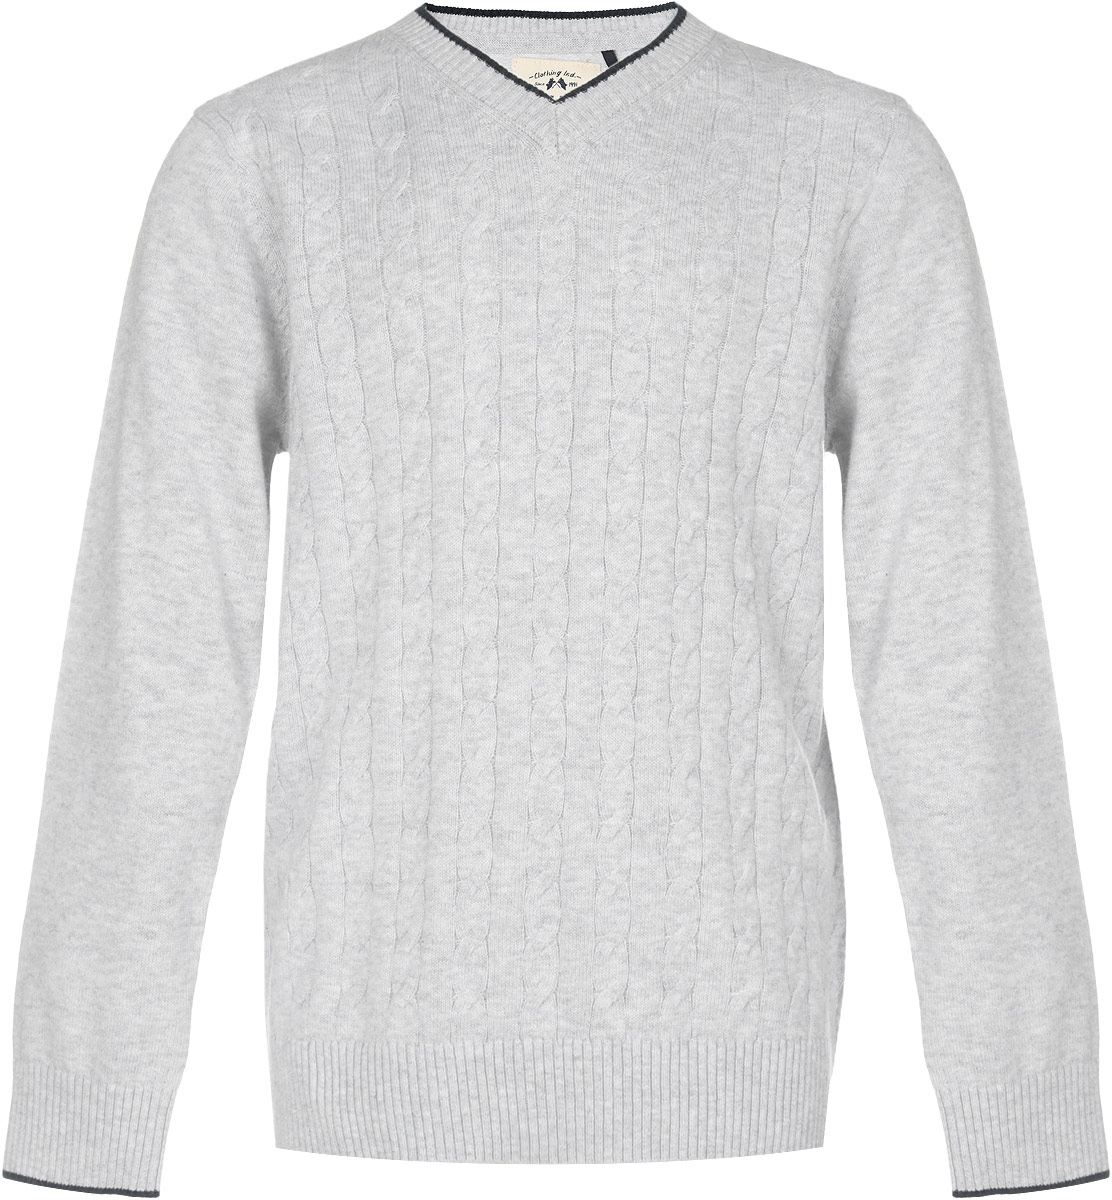 Пуловер для мальчика Sela, цвет: светло-серый меланж. JR-814/259-6332. Размер 152, 12 летJR-814/259-6332Пуловер для мальчика Sela выполнен из натурального хлопка. Материал изделия мягкий и тактильно приятный, не стесняет движений и обладает высокими дышащими свойствами.Классическая модель с длинными рукавами и V-образным вырезом горловины прекрасно сочетается с рубашками. Низ изделия, манжеты и горловина связаны крупной резинкой. Спереди пуловер оформлен вязаным узором. Пуловер - хорошая альтернатива пиджаку в прохладное время года. Являясь важным атрибутом школьной моды, он обеспечивает тепло и комфорт.